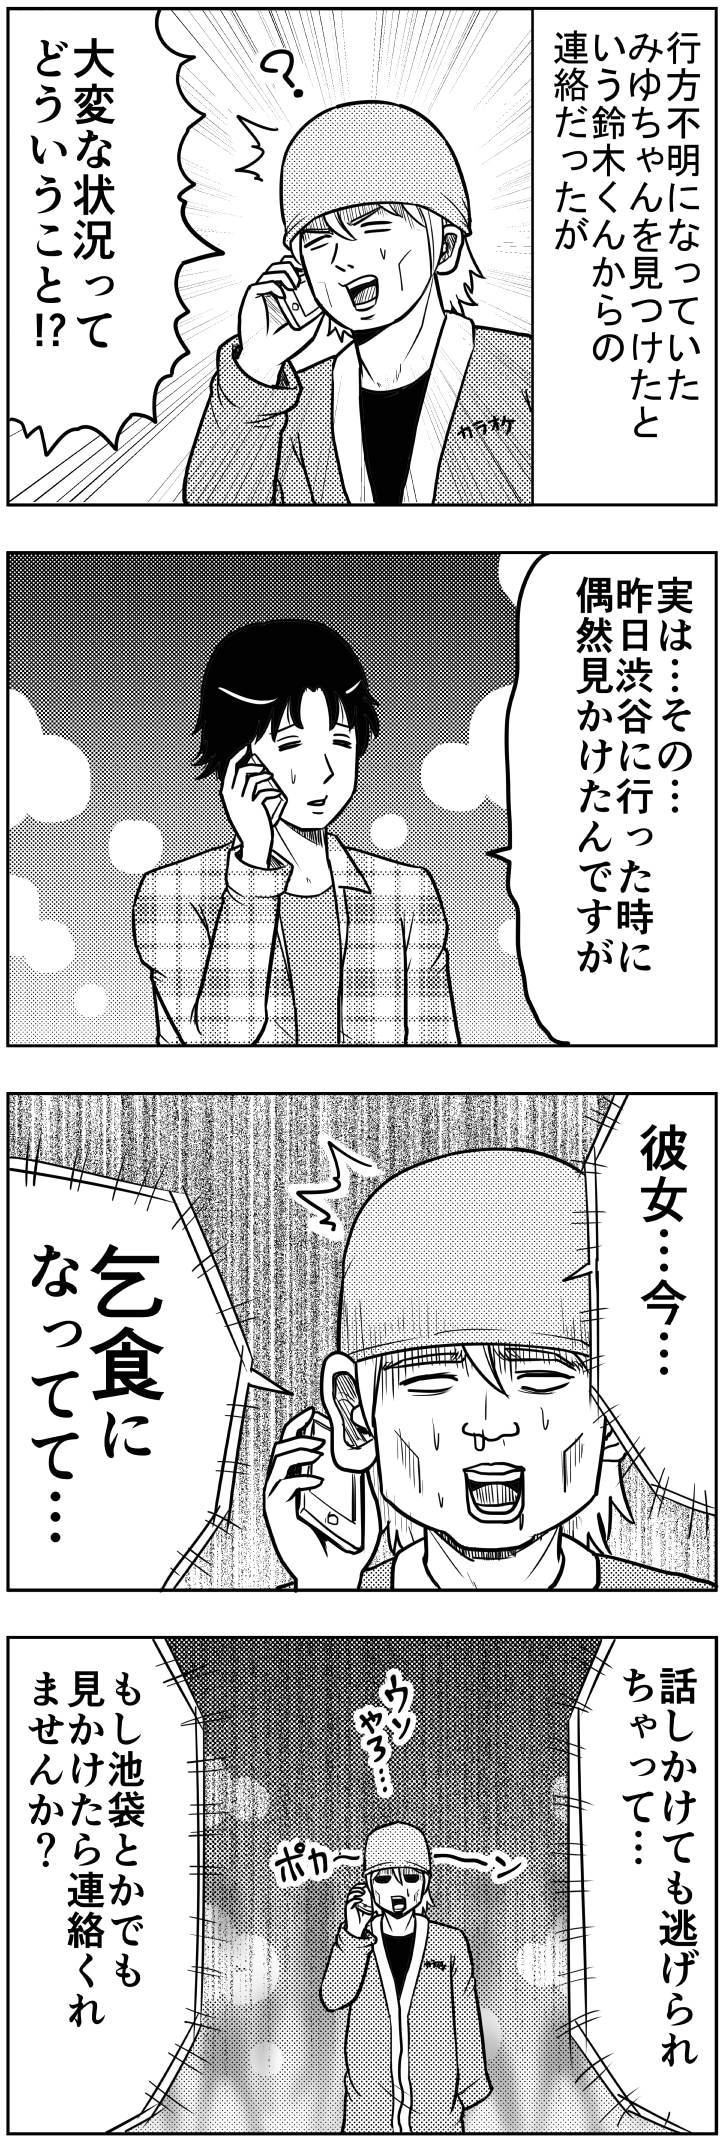 行方不明になった女【漫画~キヒロの青春】79